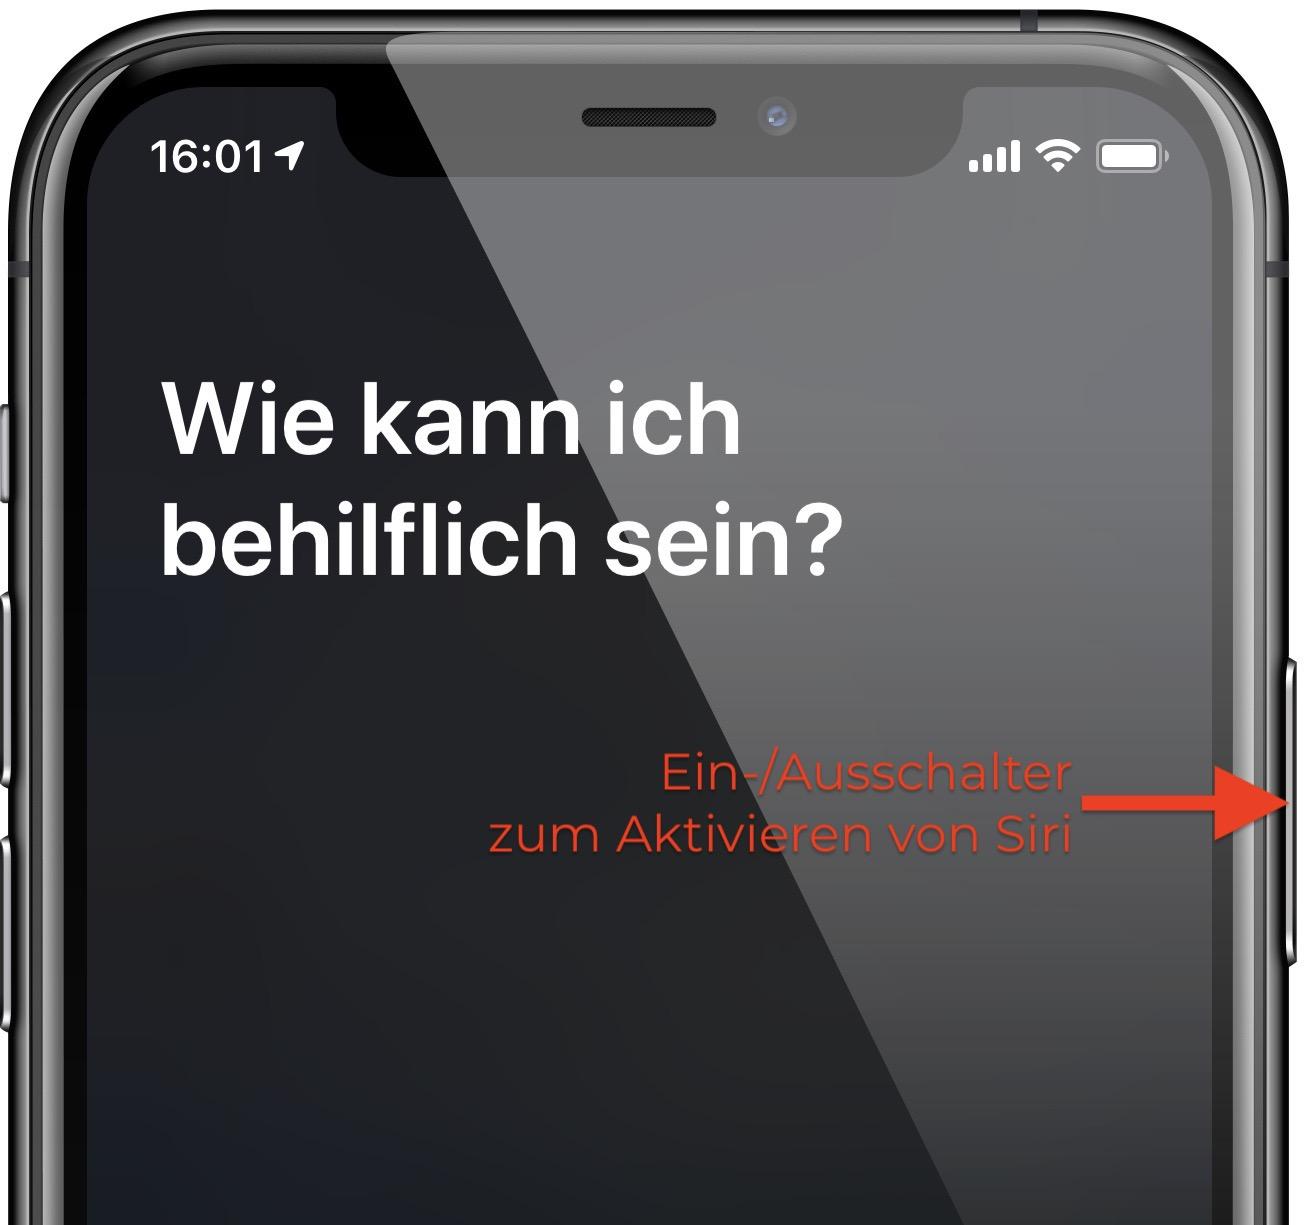 Aktivieren Sie das Sprachassistenz-System am iPhone